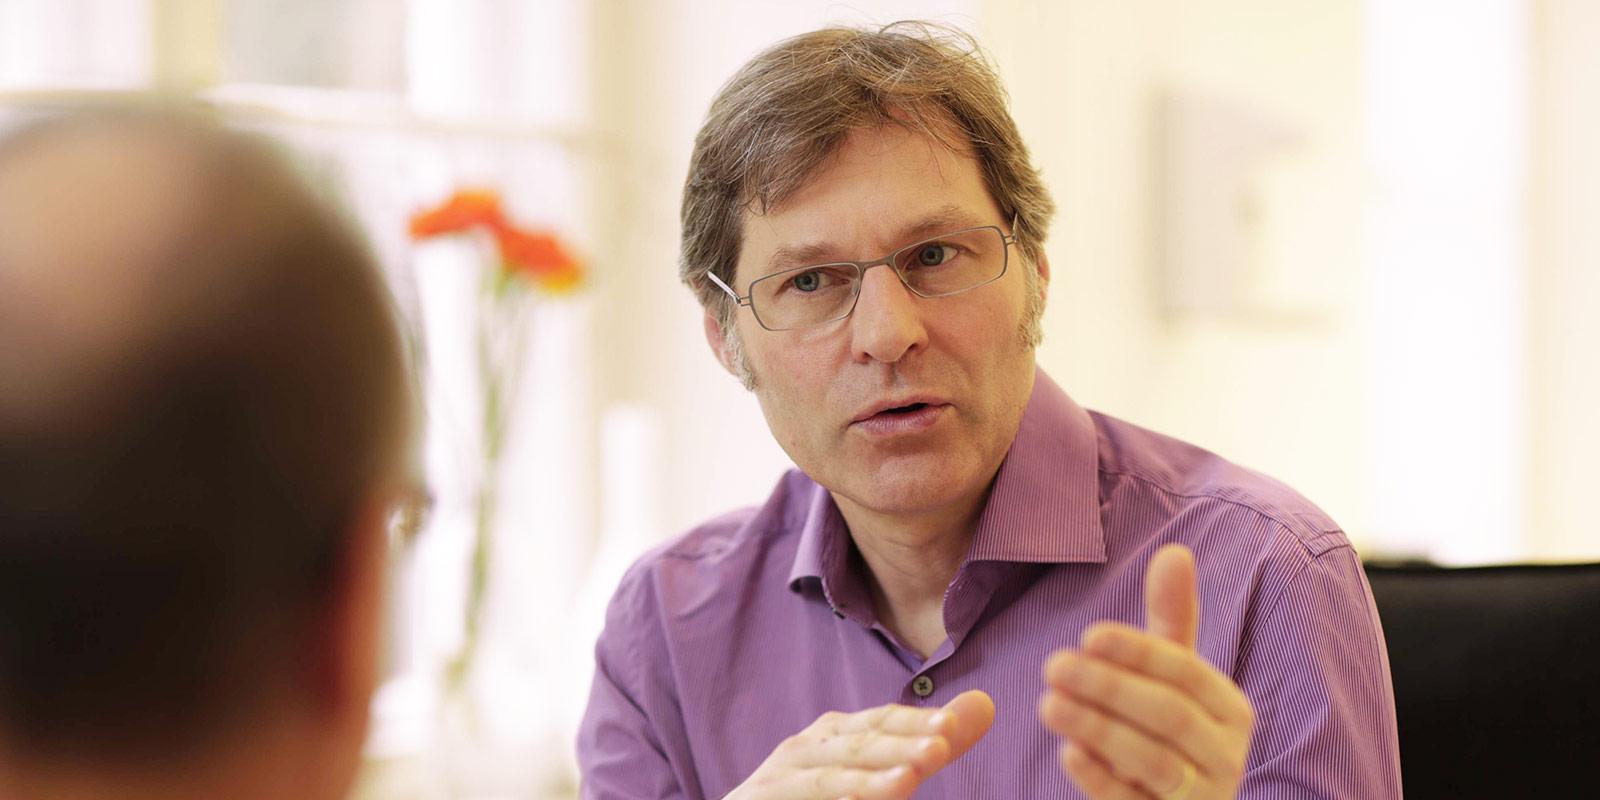 Dr Eichhorn Regensburg